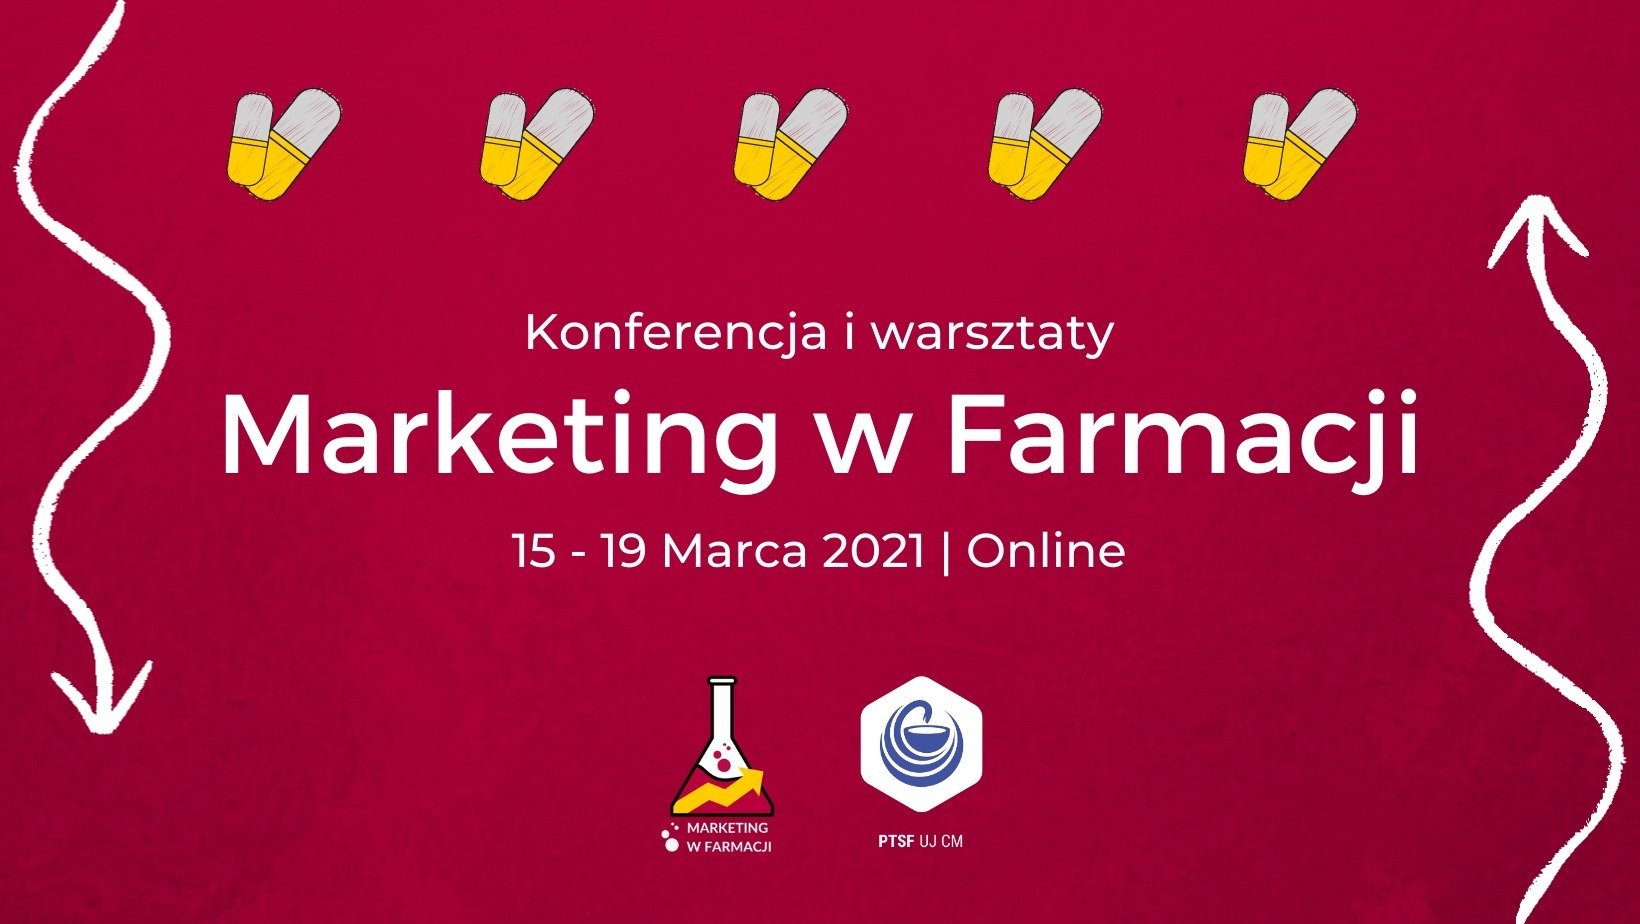 Pięć dni będą rozmawiać o marketingu w farmacji